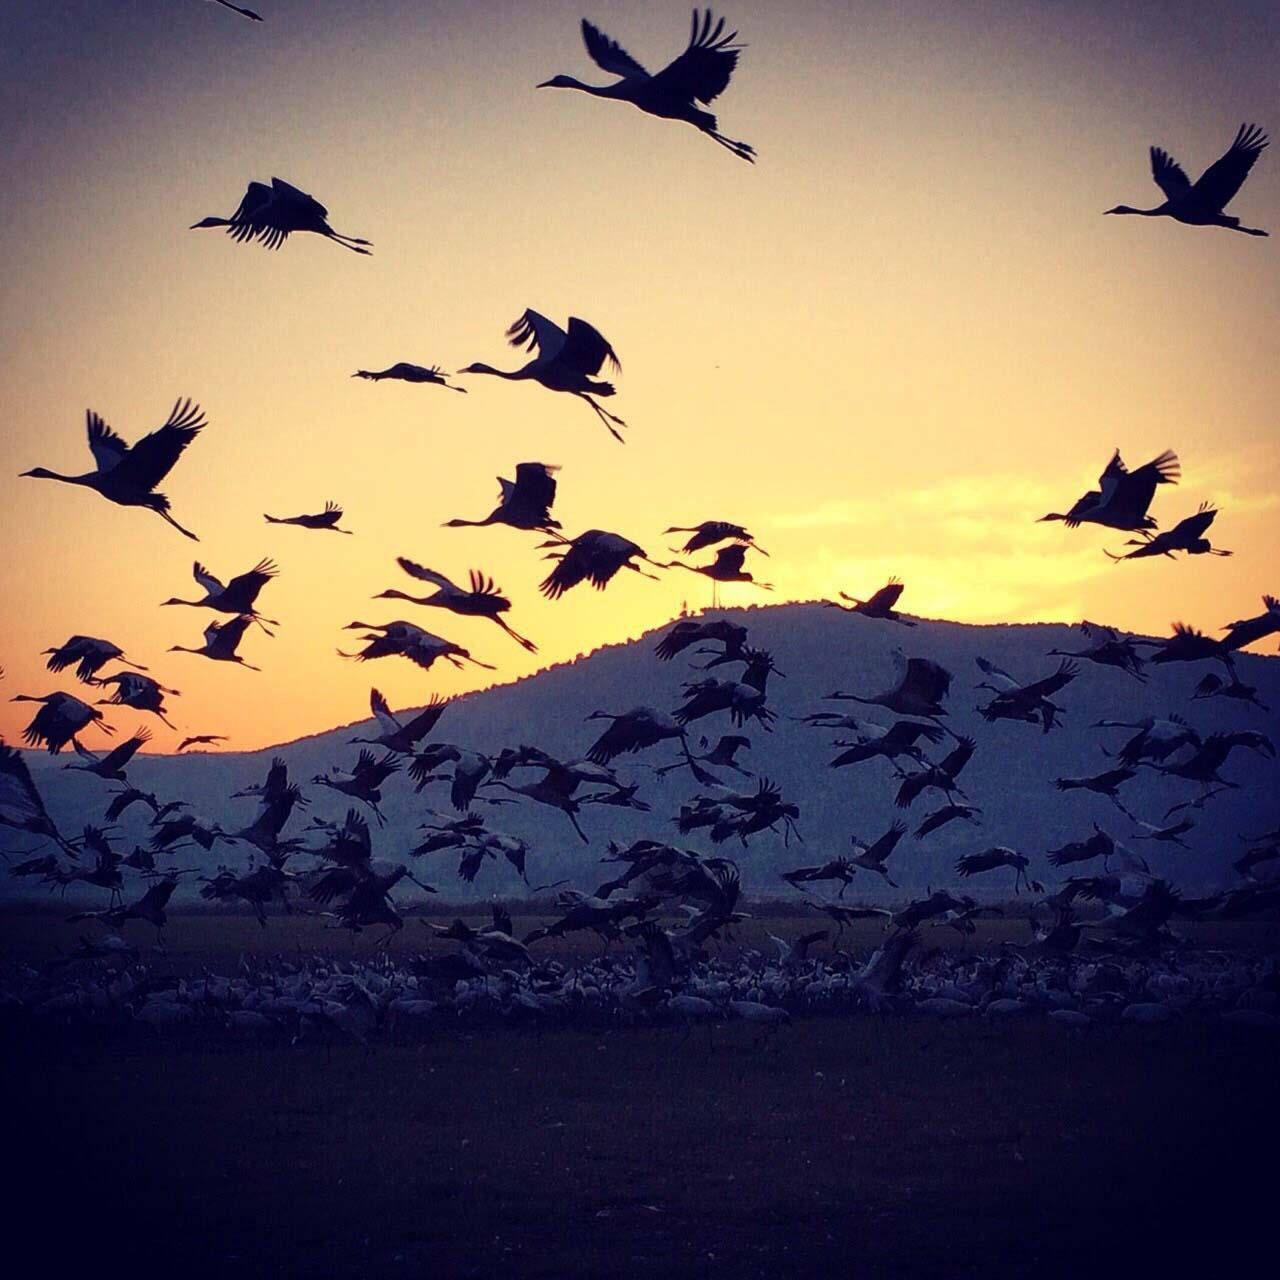 להקת עגורים ממריאה בטיול הזריחה למשפחות של פלגי בזלת